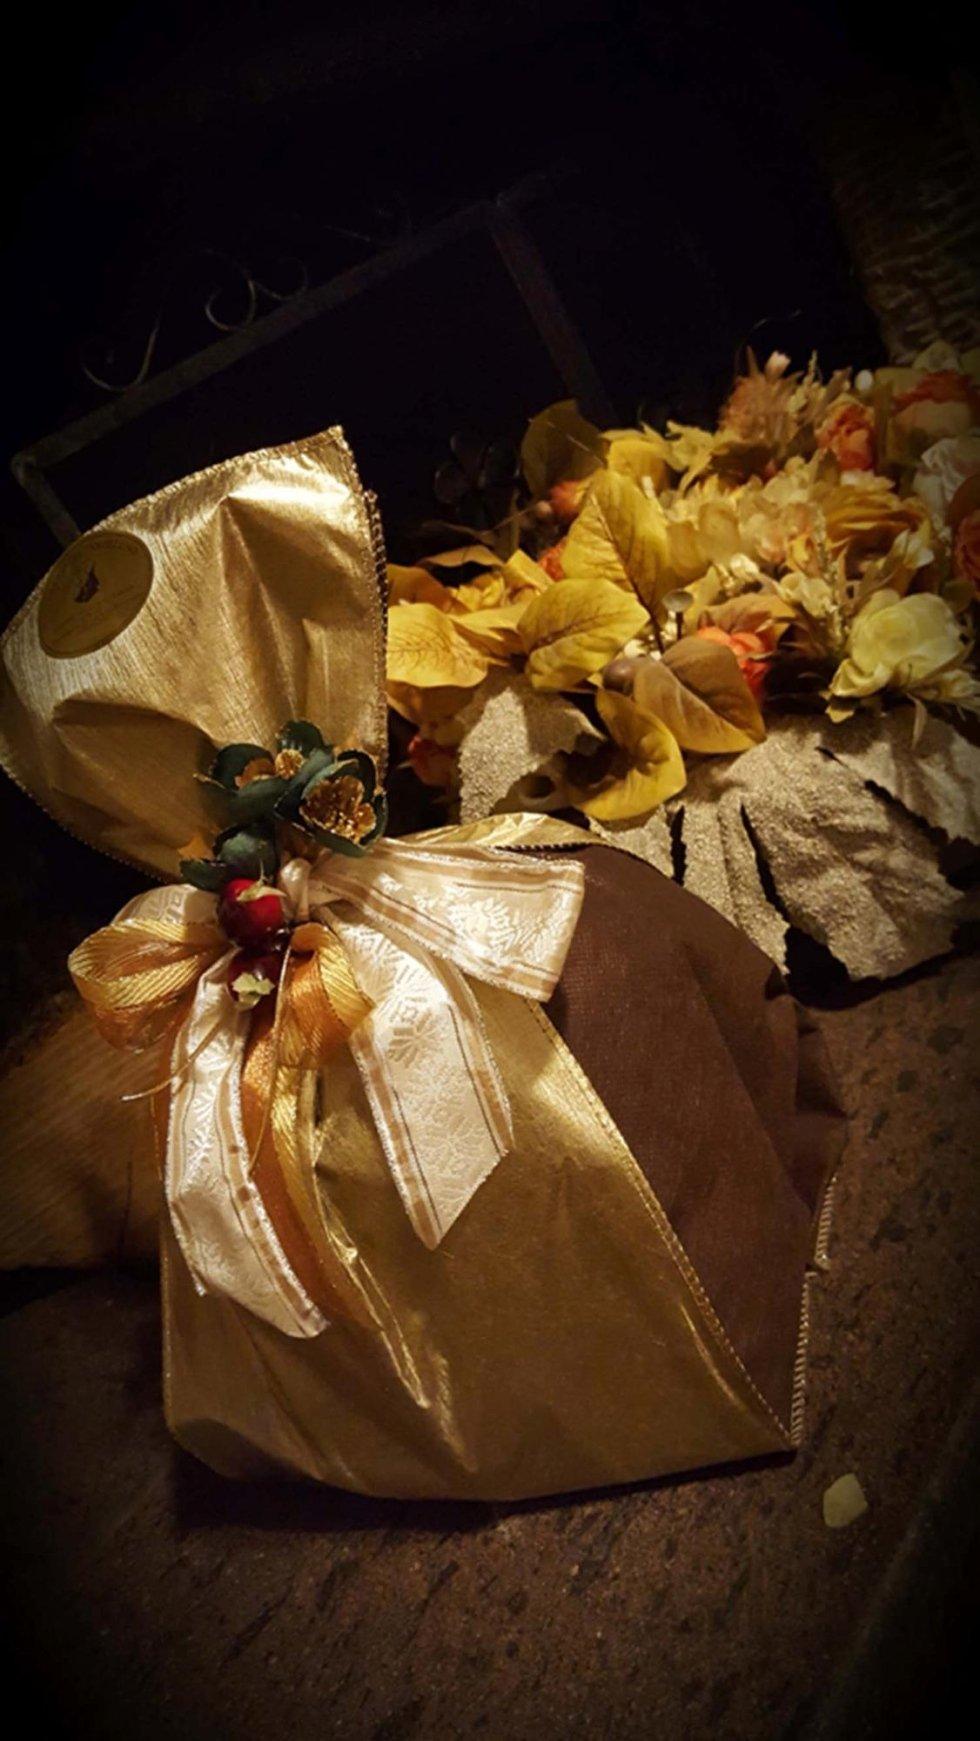 panettoni artigianali in confezione regalo